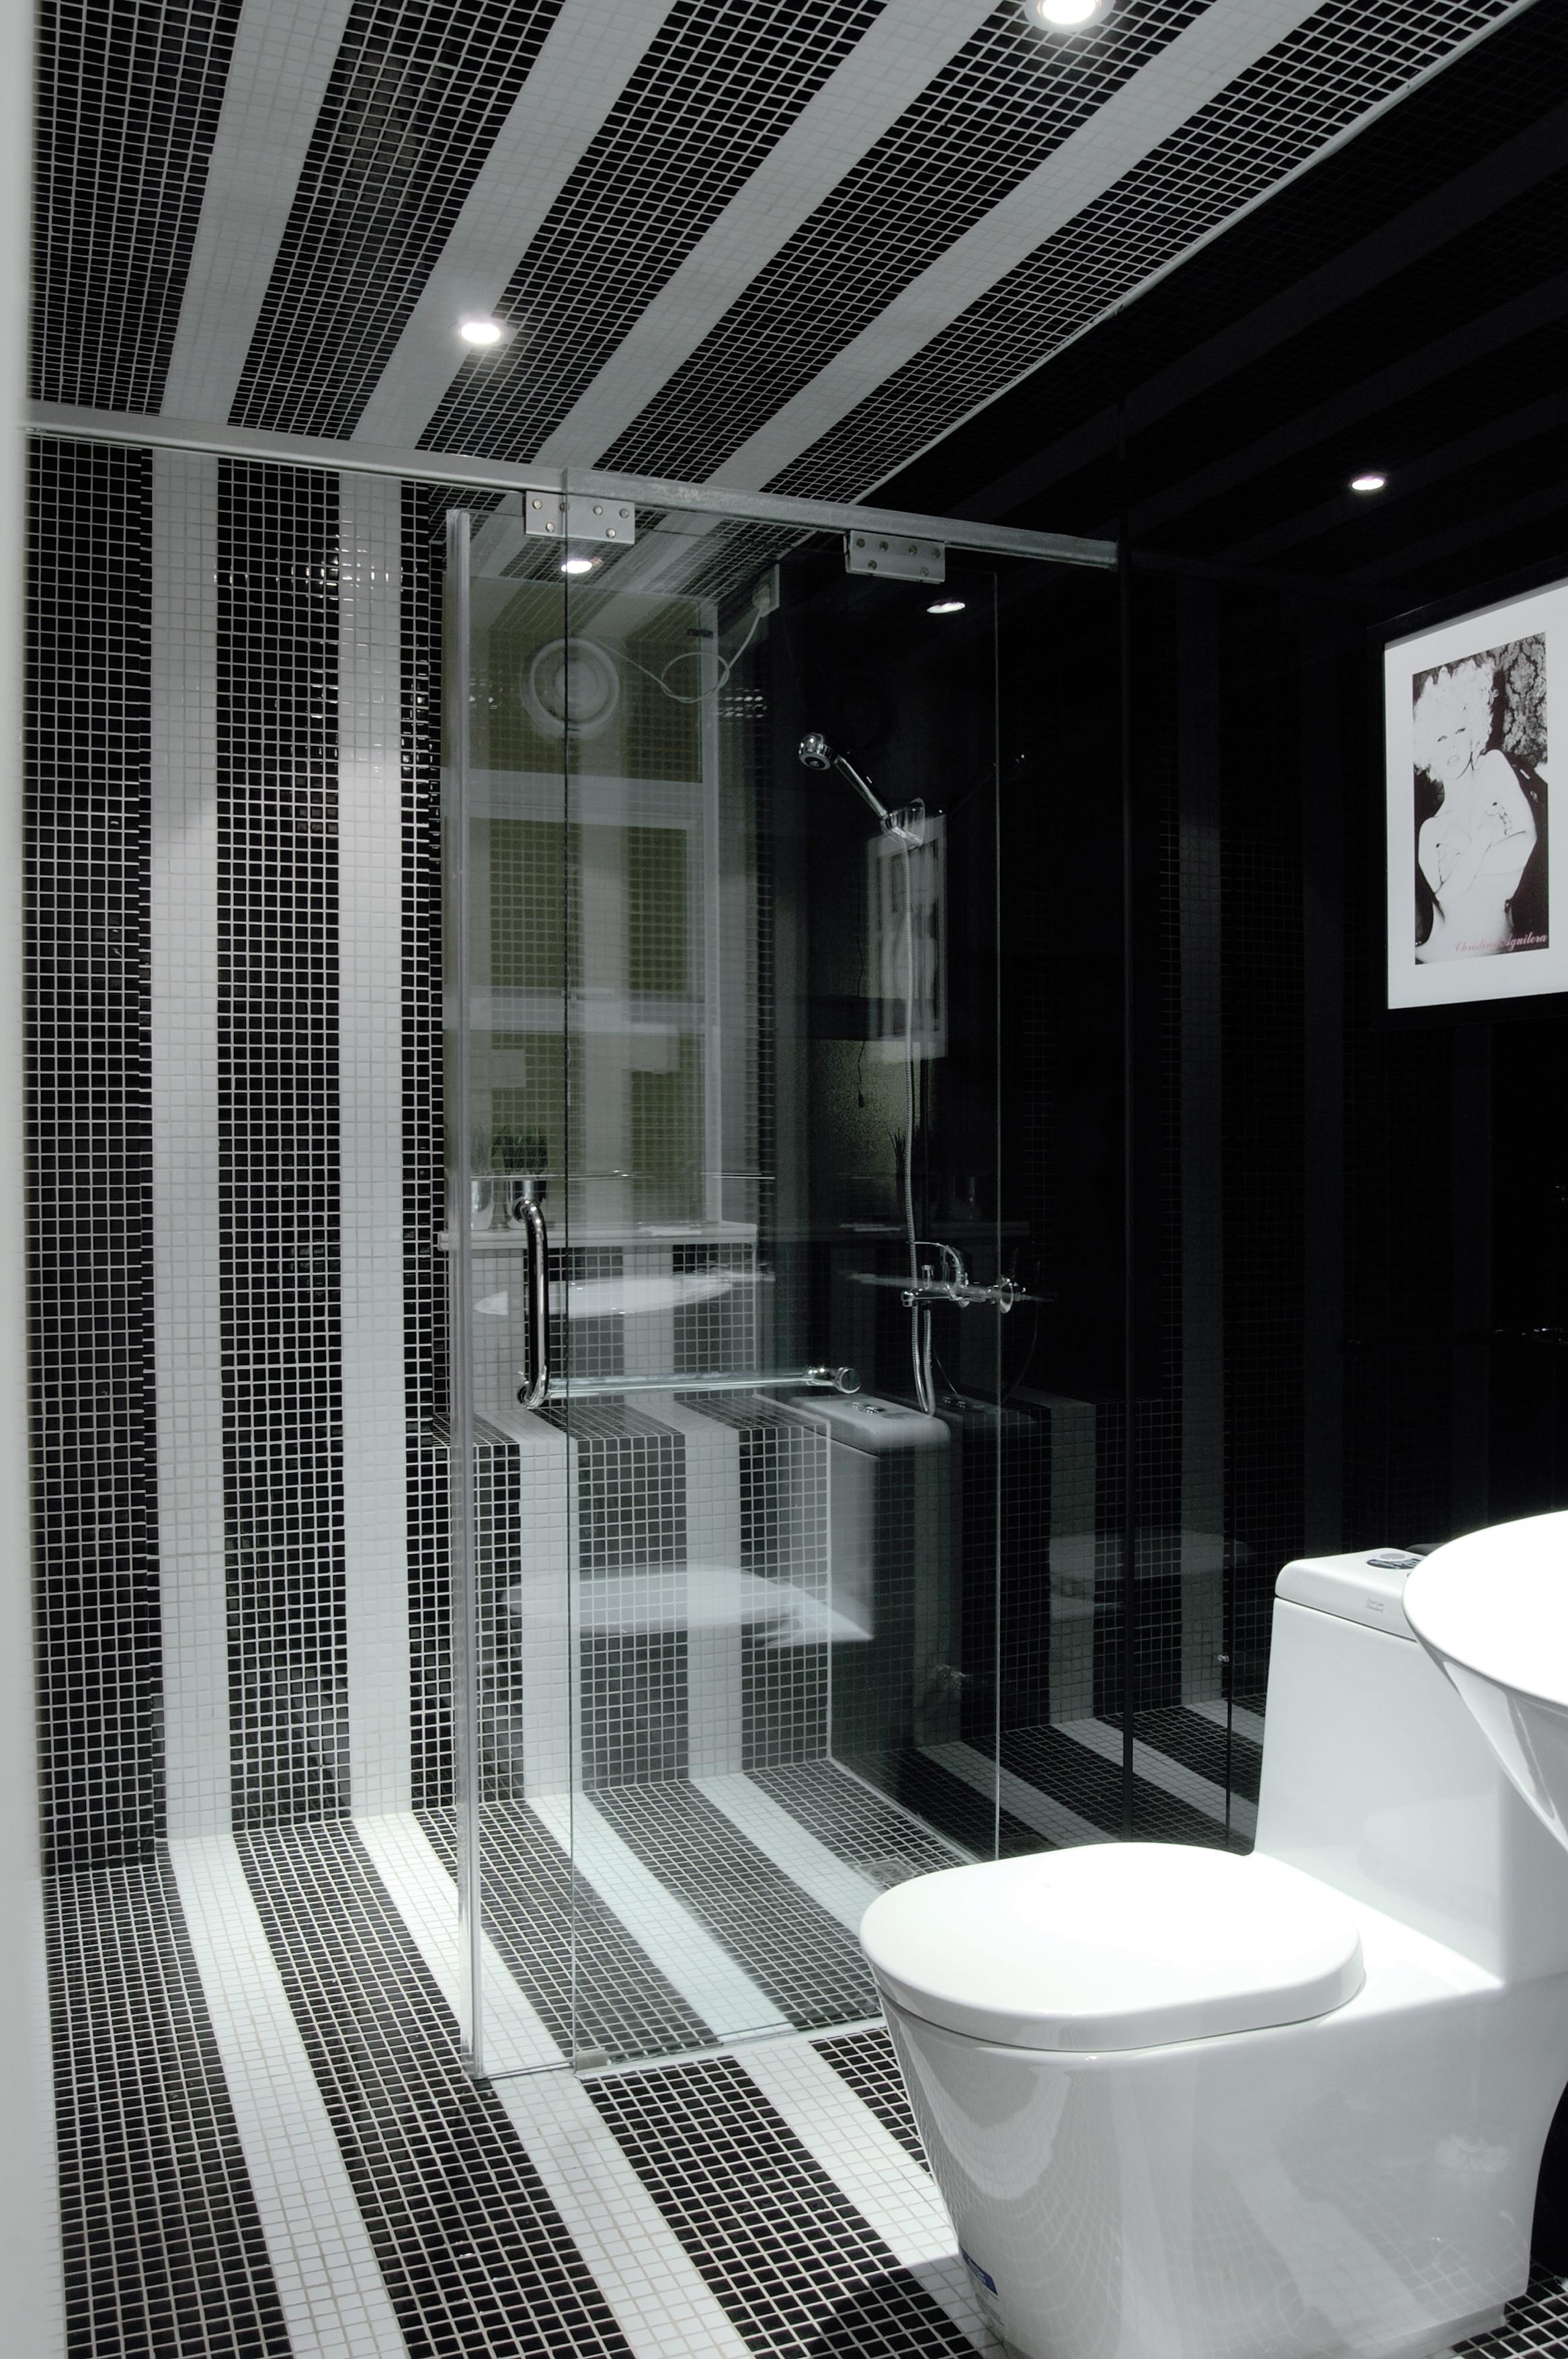 黑白灰时尚简约装修卫生间效果图